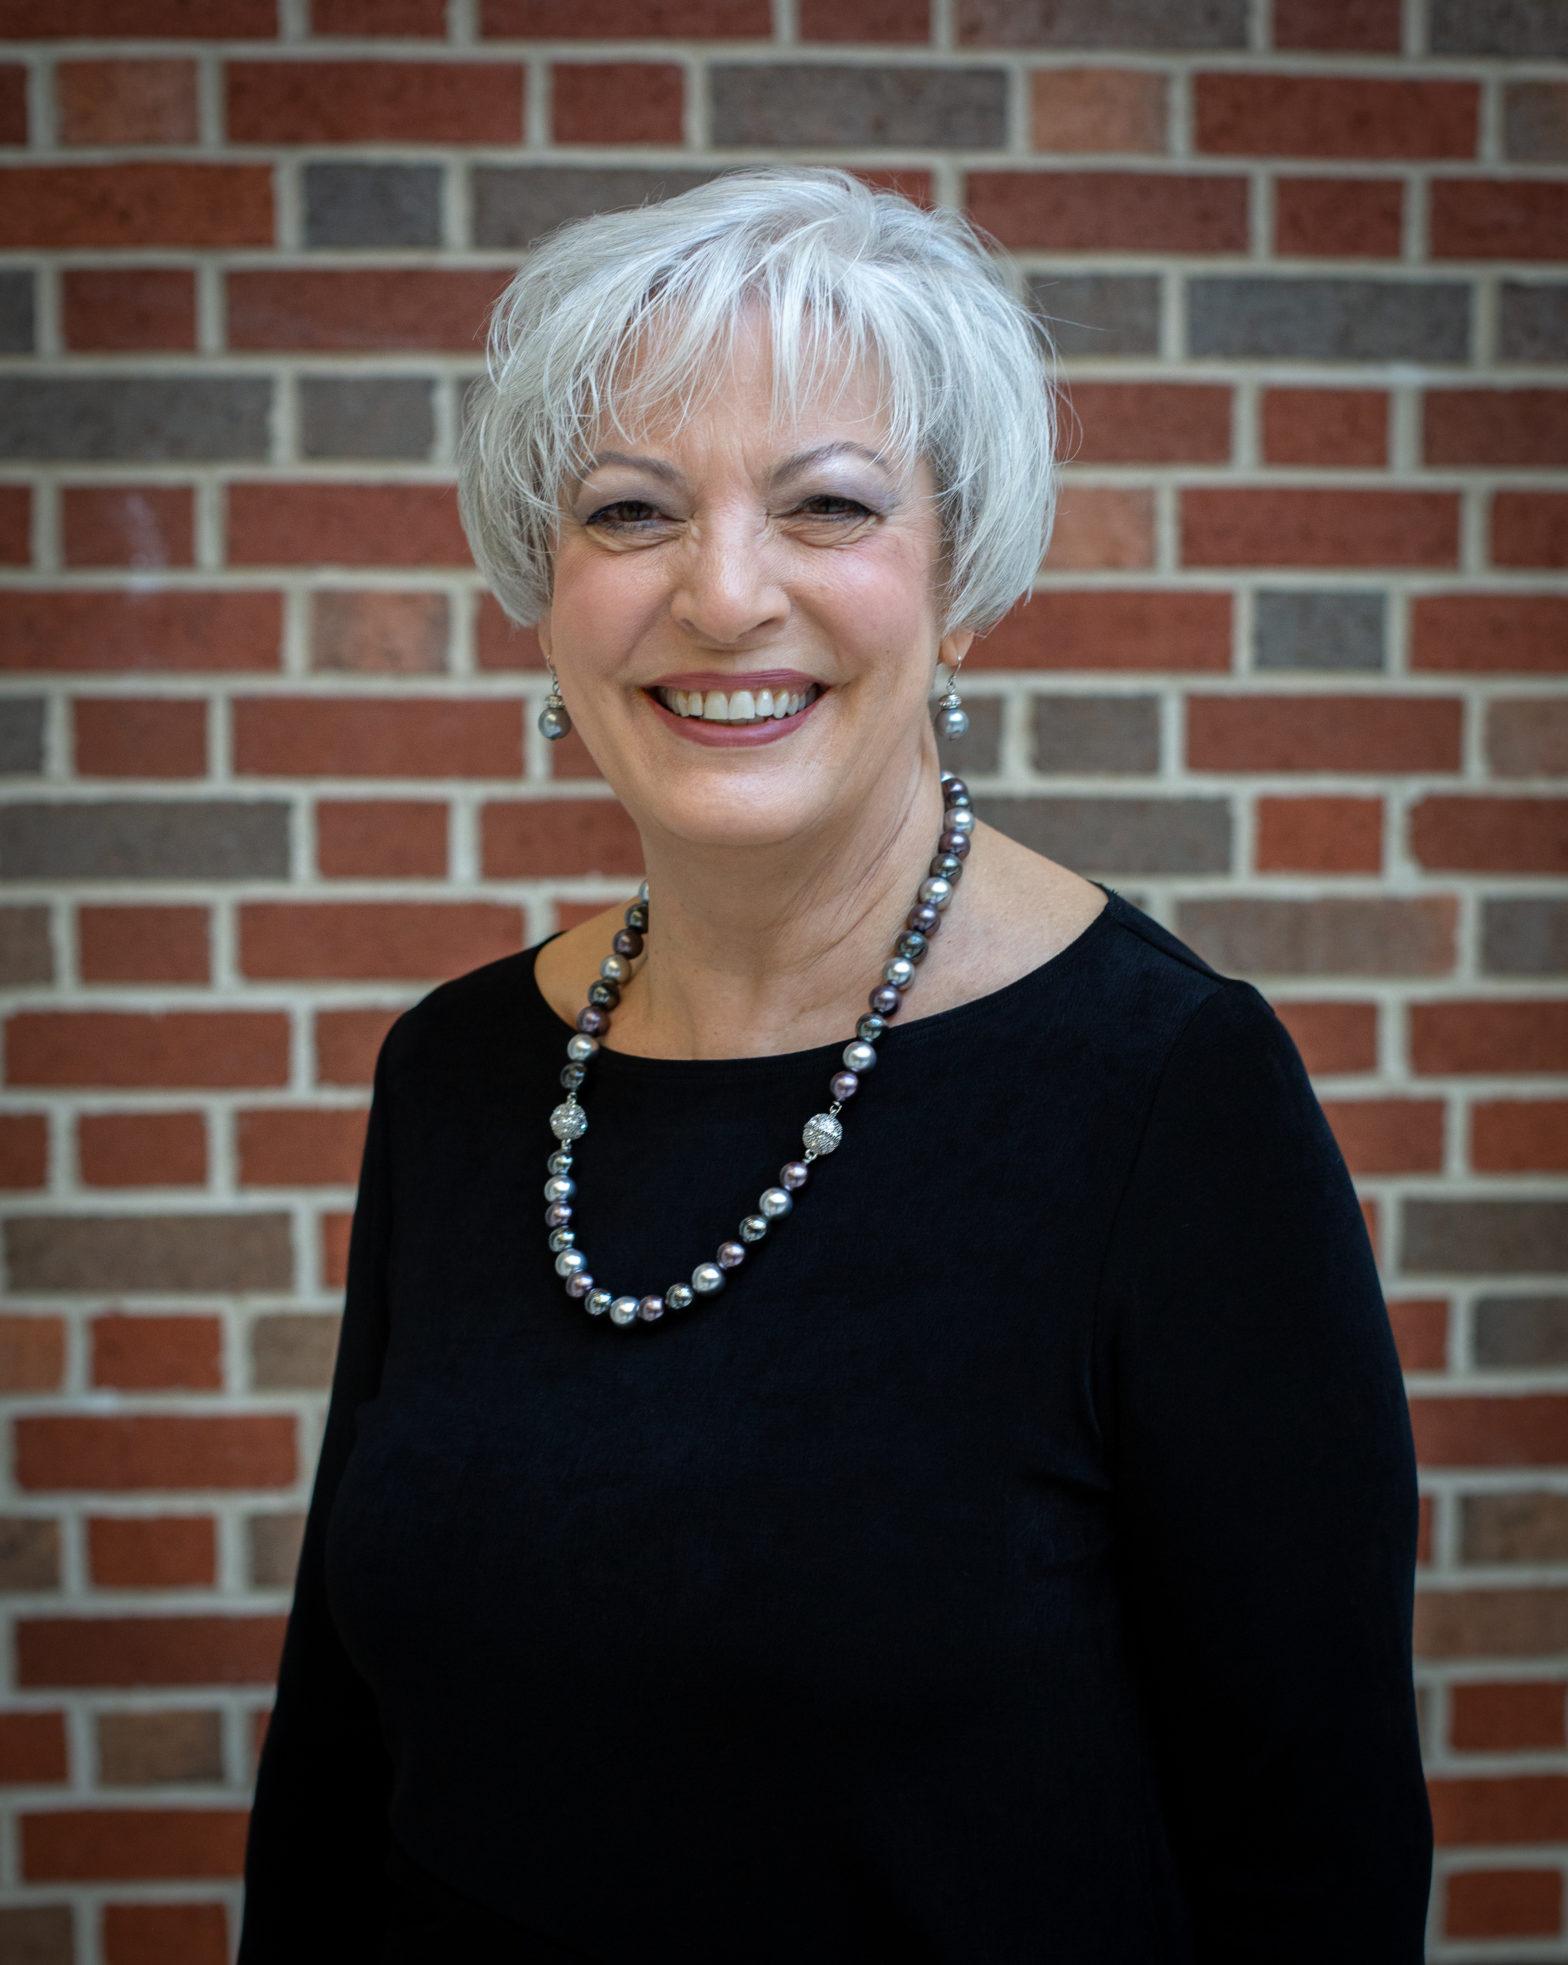 Marsha Inman